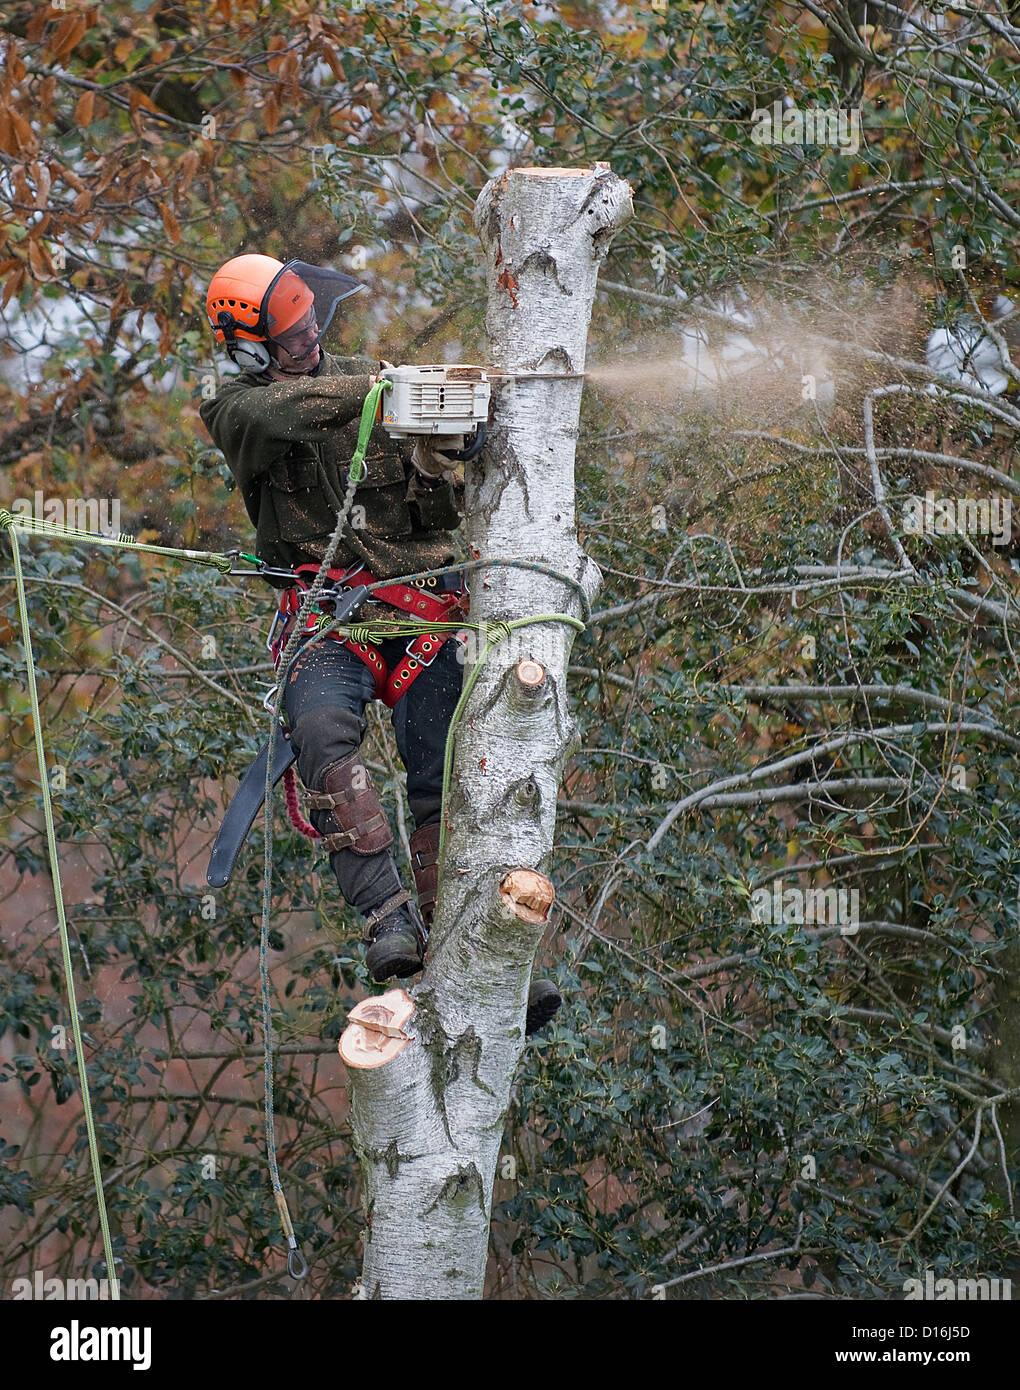 Silver Birch Tree ser derribado por un hombre con una sierra de cadena -1 Foto de stock